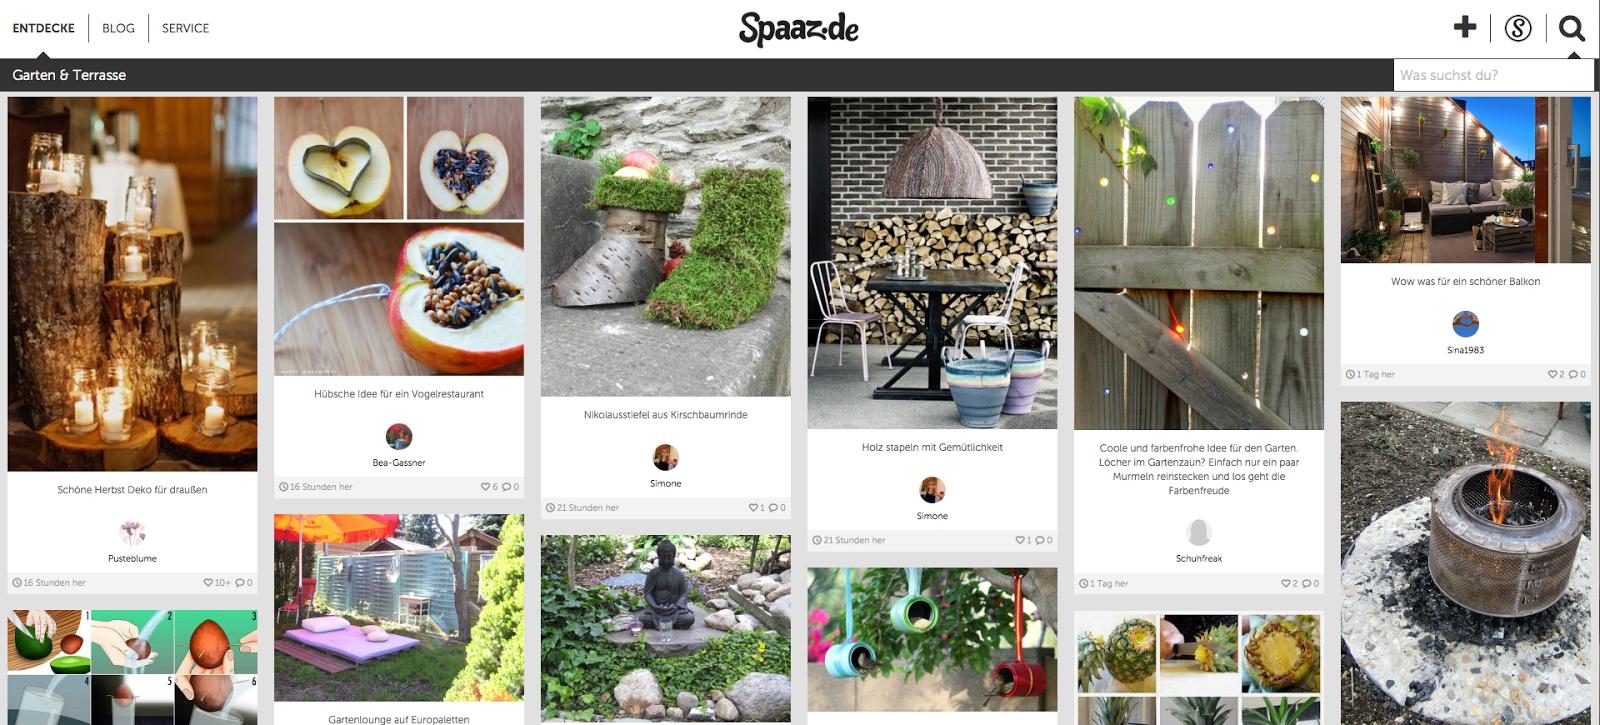 gartendeko-blog: kennt ihr schon spaaz.de?, Gartenarbeit ideen